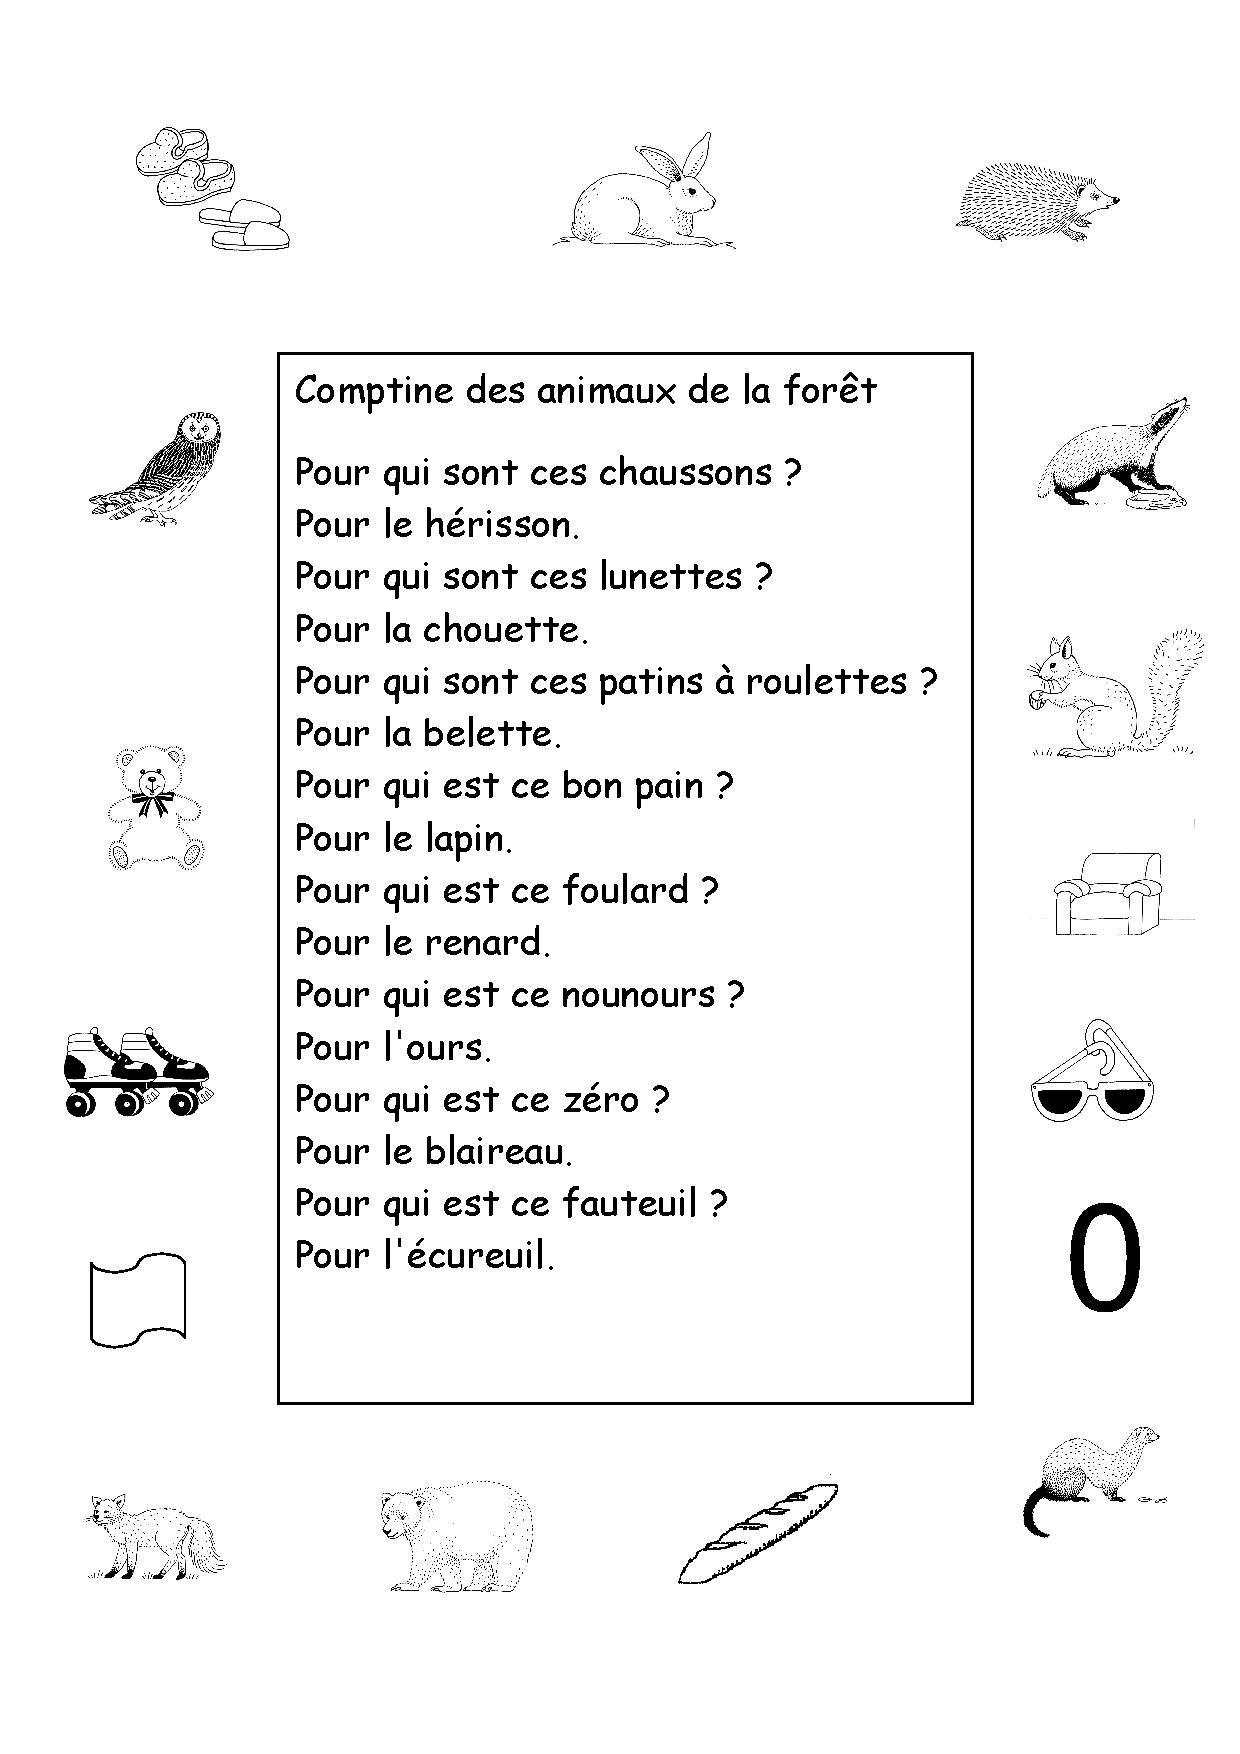 Les Animaux De La Forêt | Animaux Foret, Comptine Maternelle à Animaux Foret Maternelle